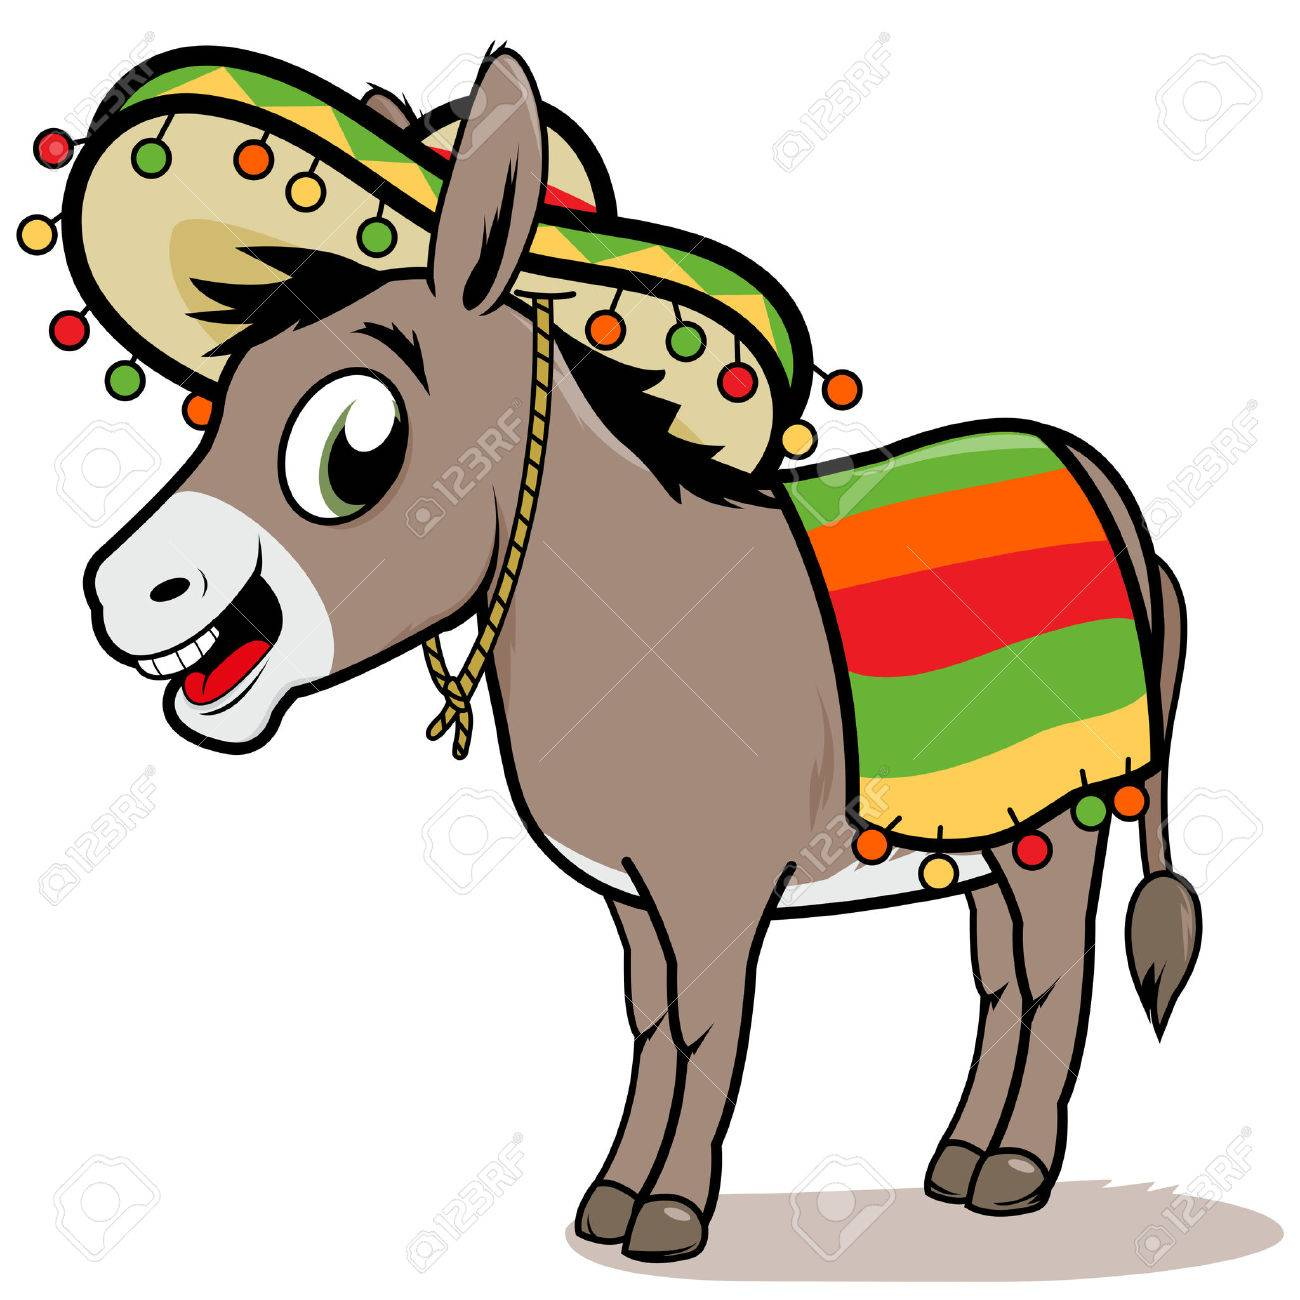 Cartoon Mexican donkey.